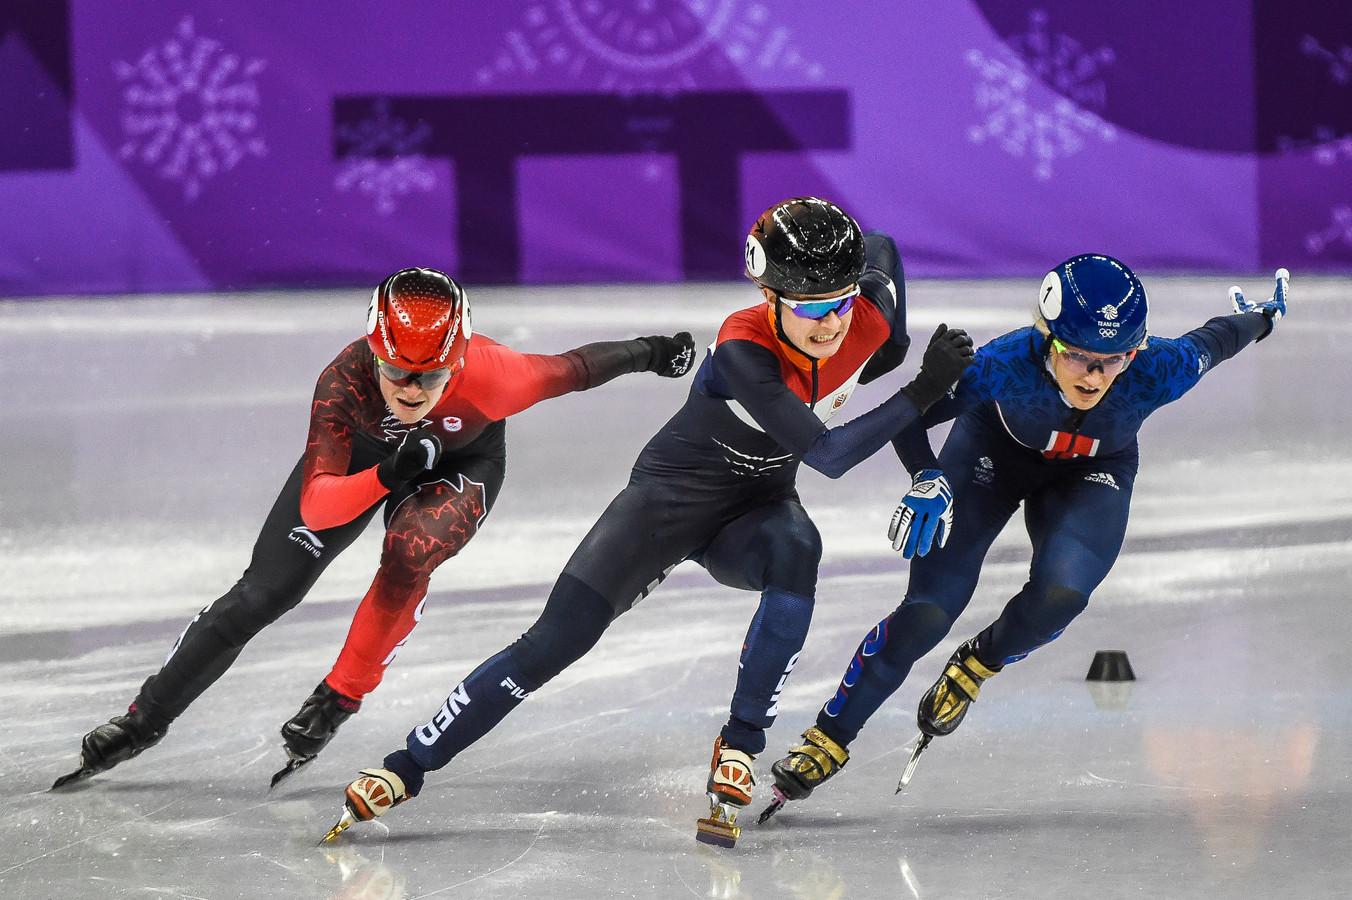 Yara van kerkhof bij de Spelen in Pyeongchang.